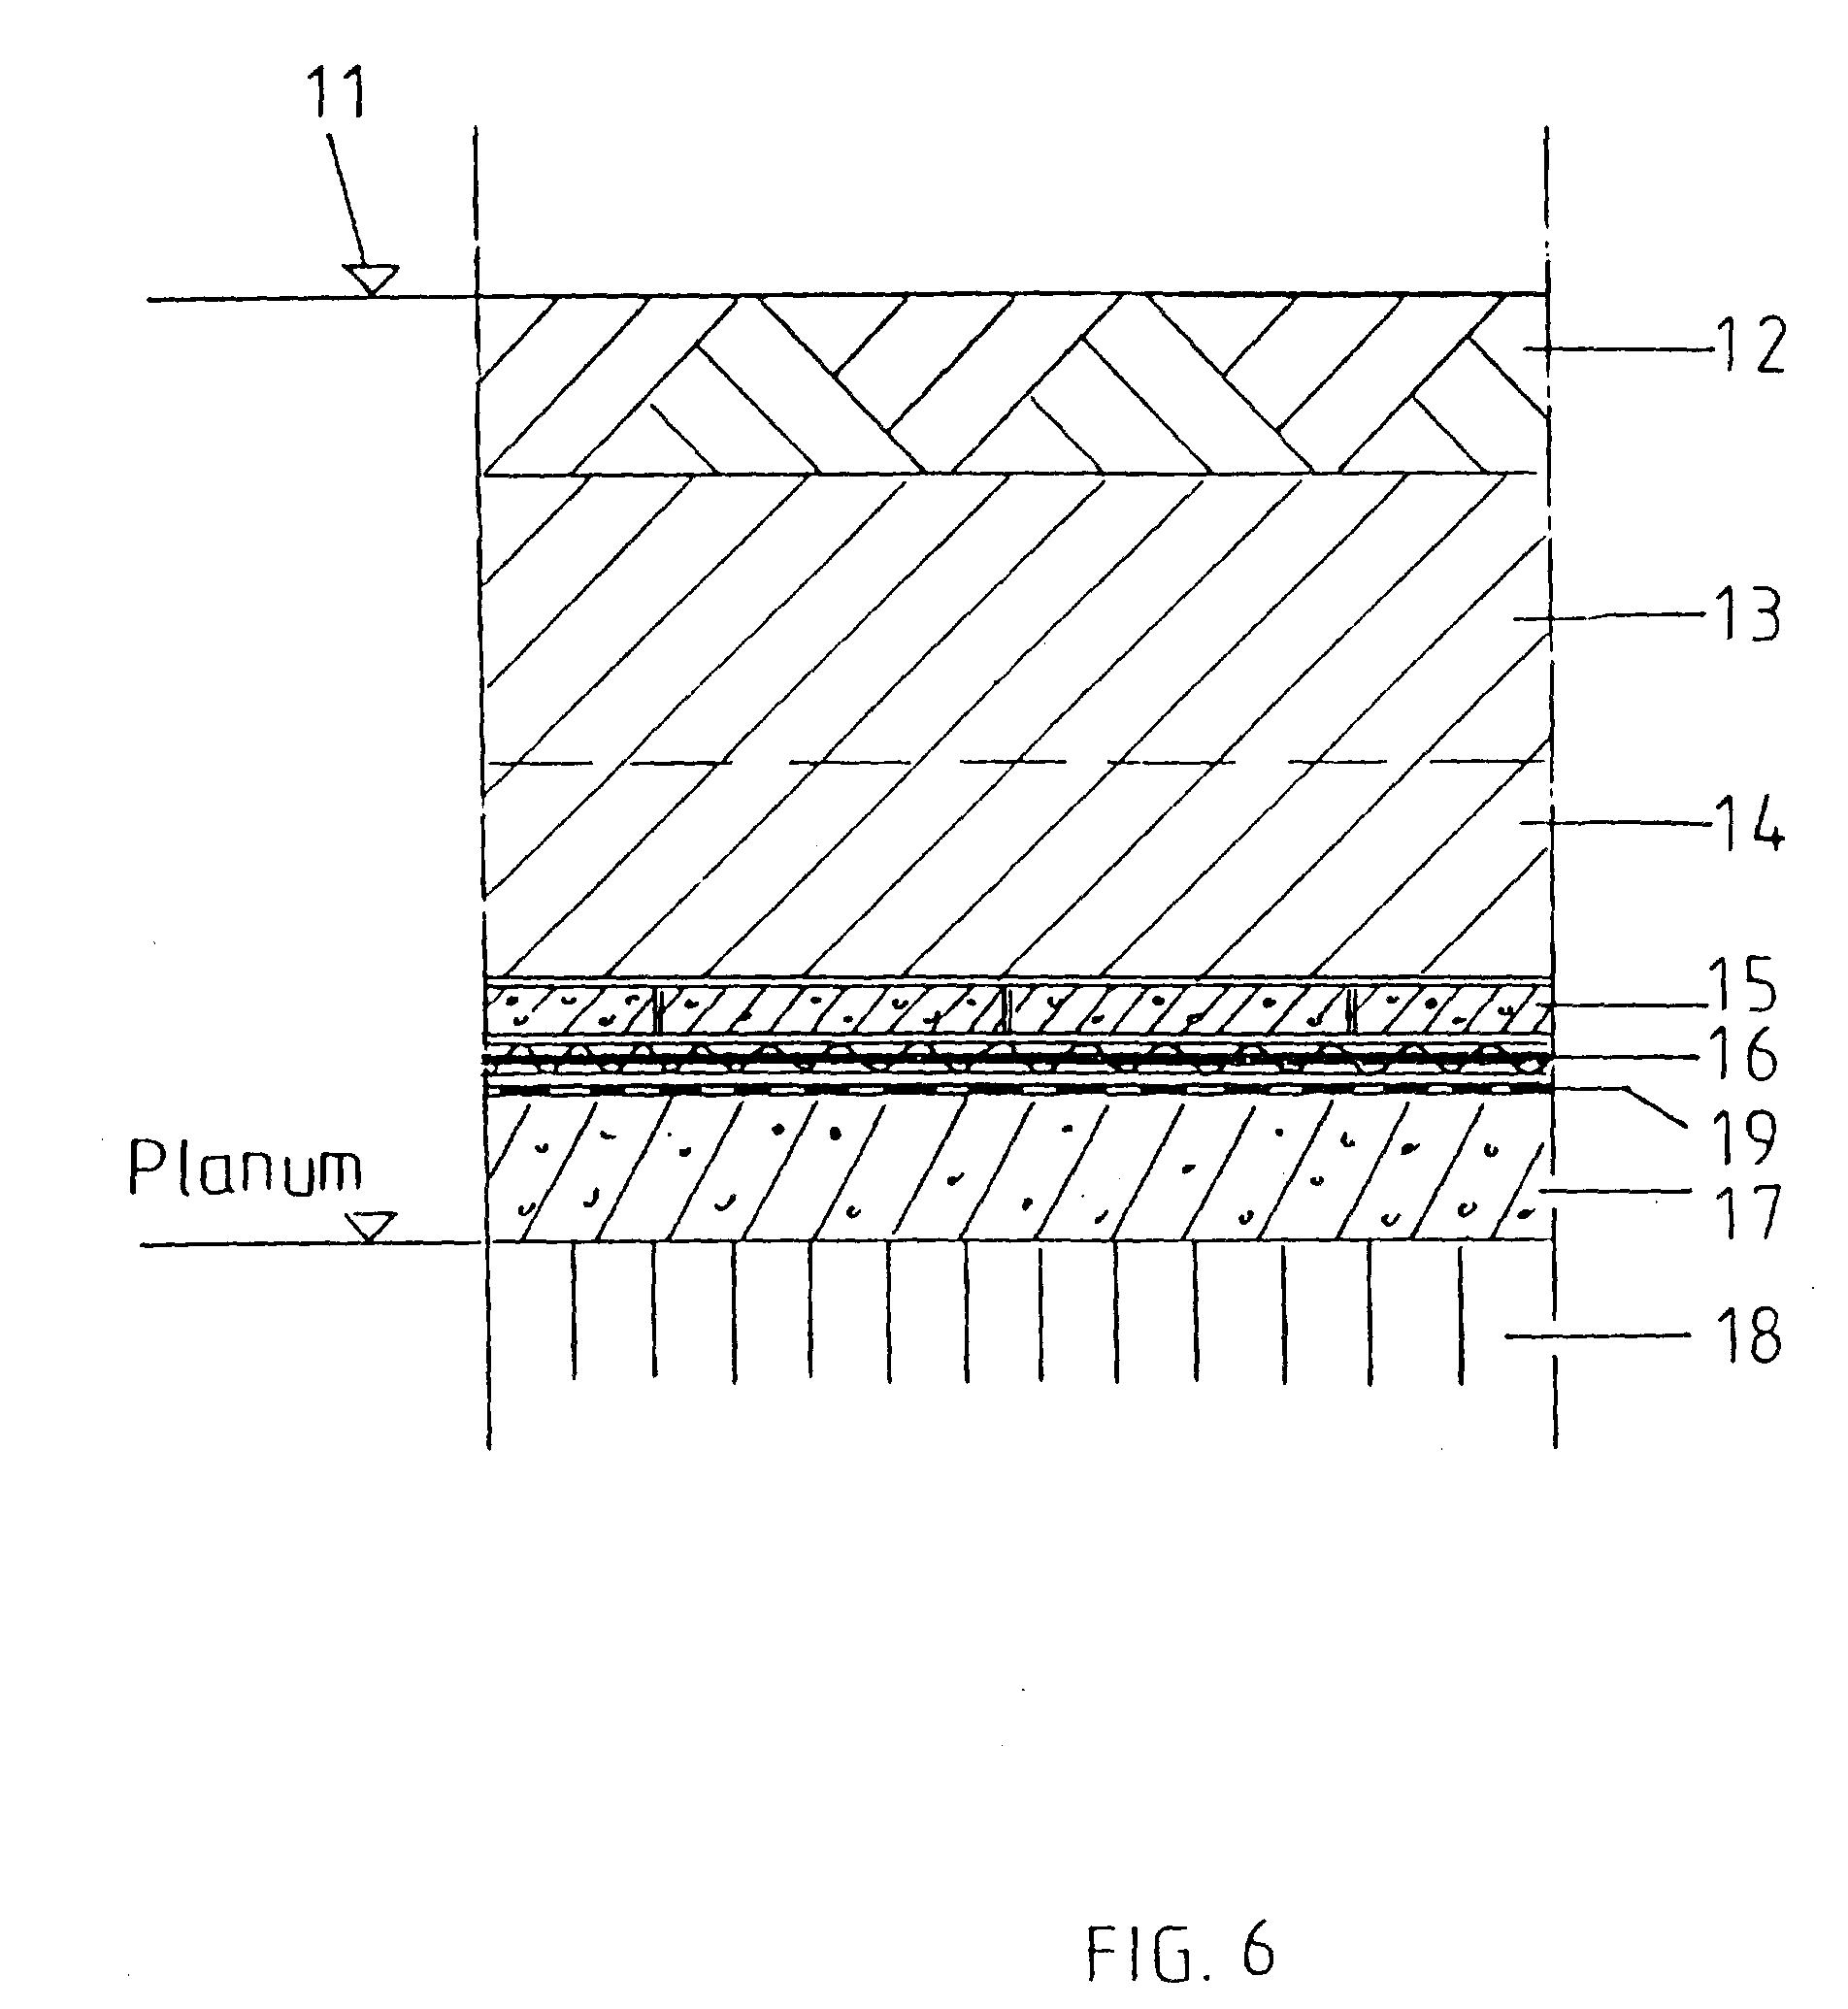 patent ep0625962b1 verfahren und anlage zur herstellung eigenschaftsmodifizierter werkstoffe. Black Bedroom Furniture Sets. Home Design Ideas